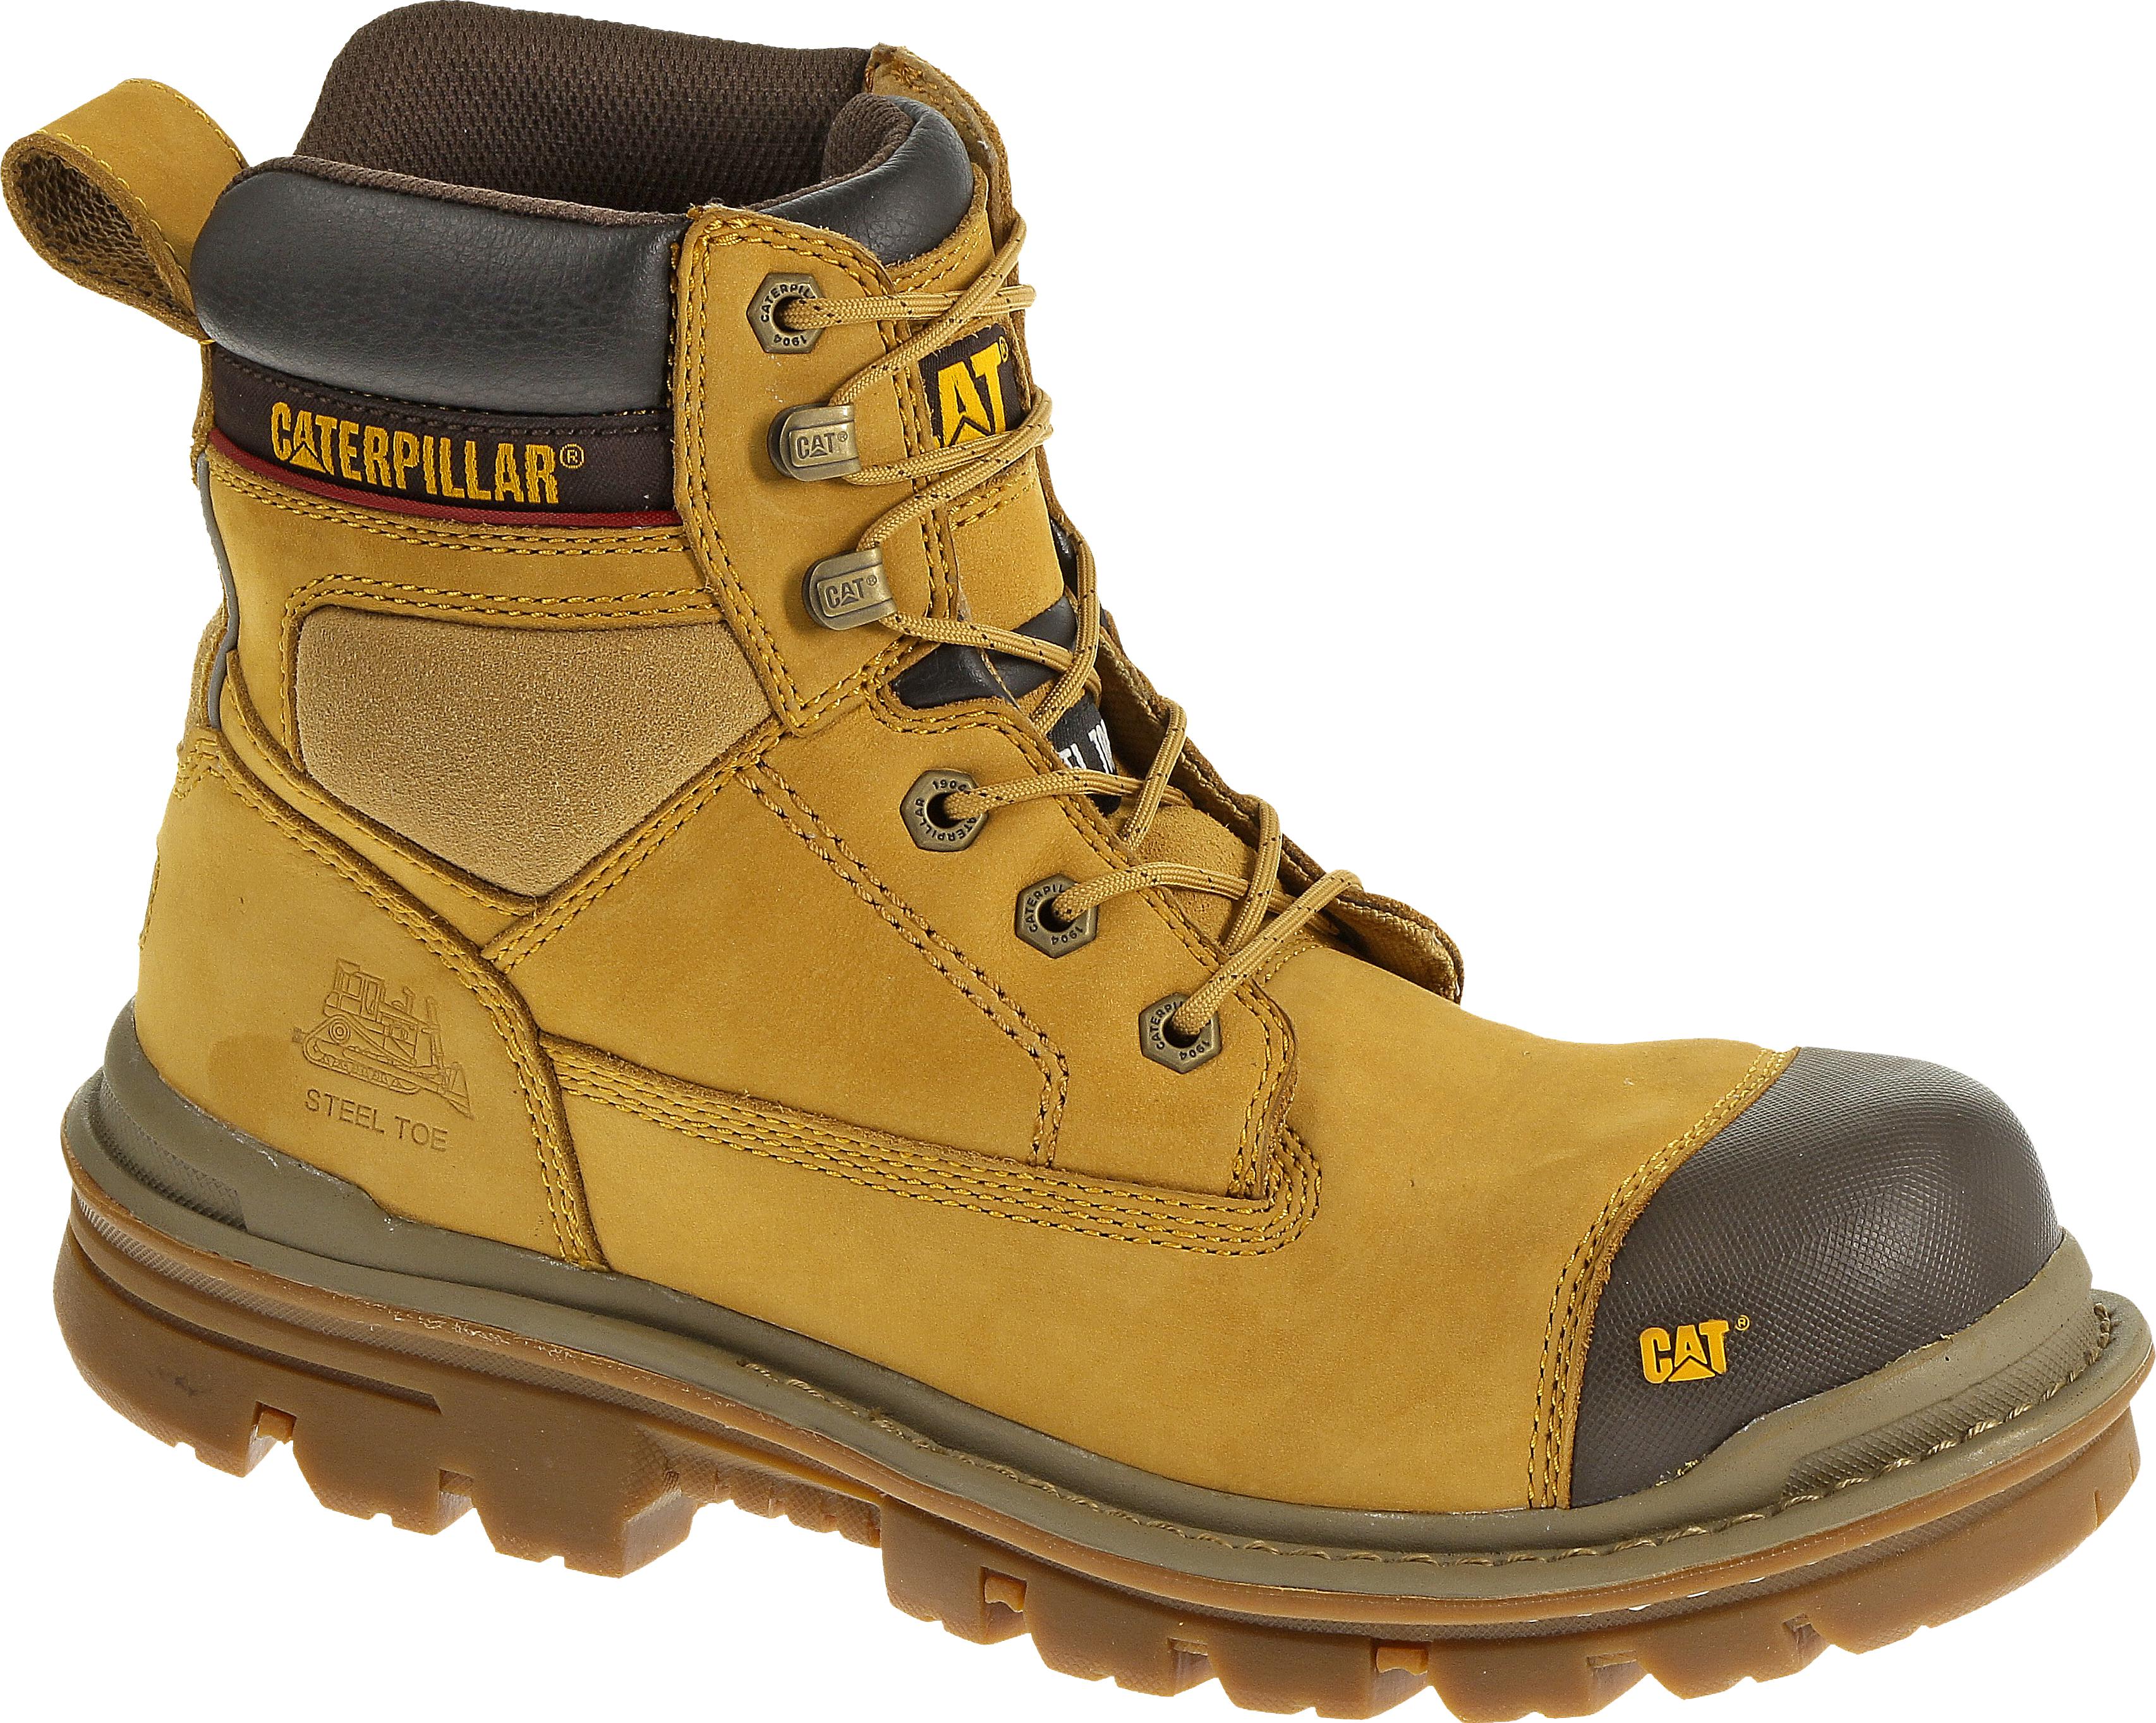 45837d415e1 Caterpillar Gravel 6 Safety Boot